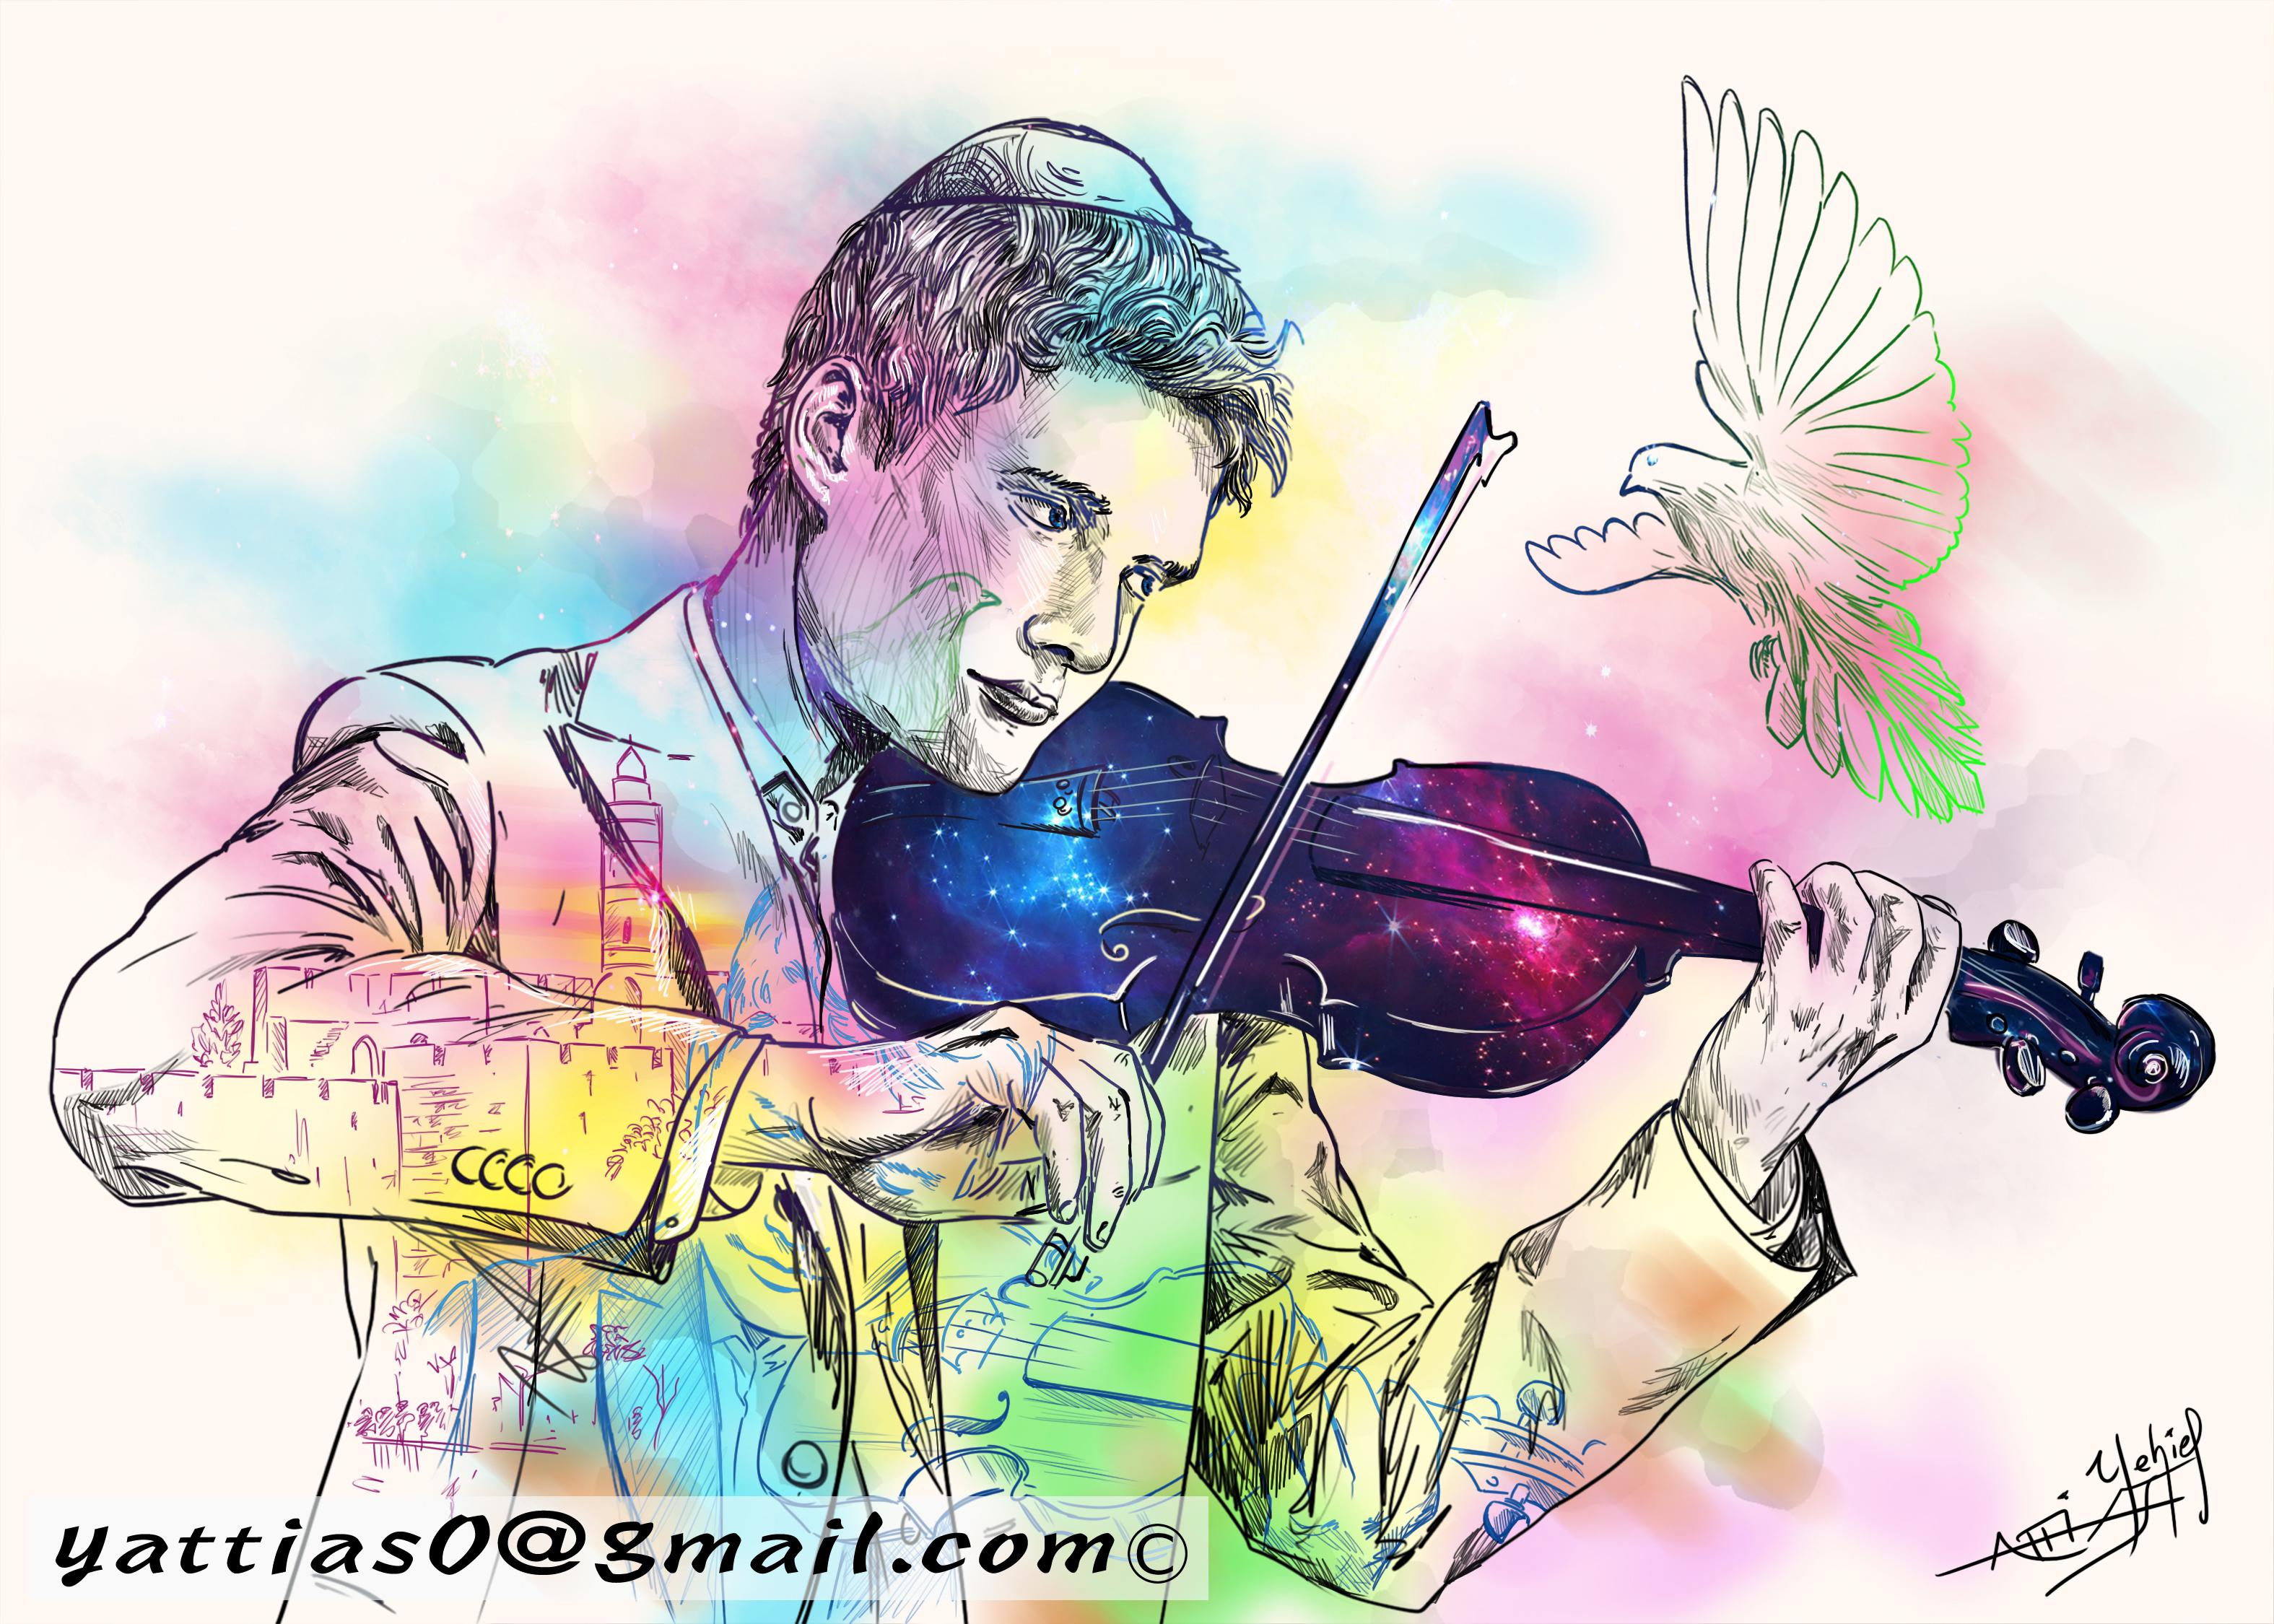 Violon david